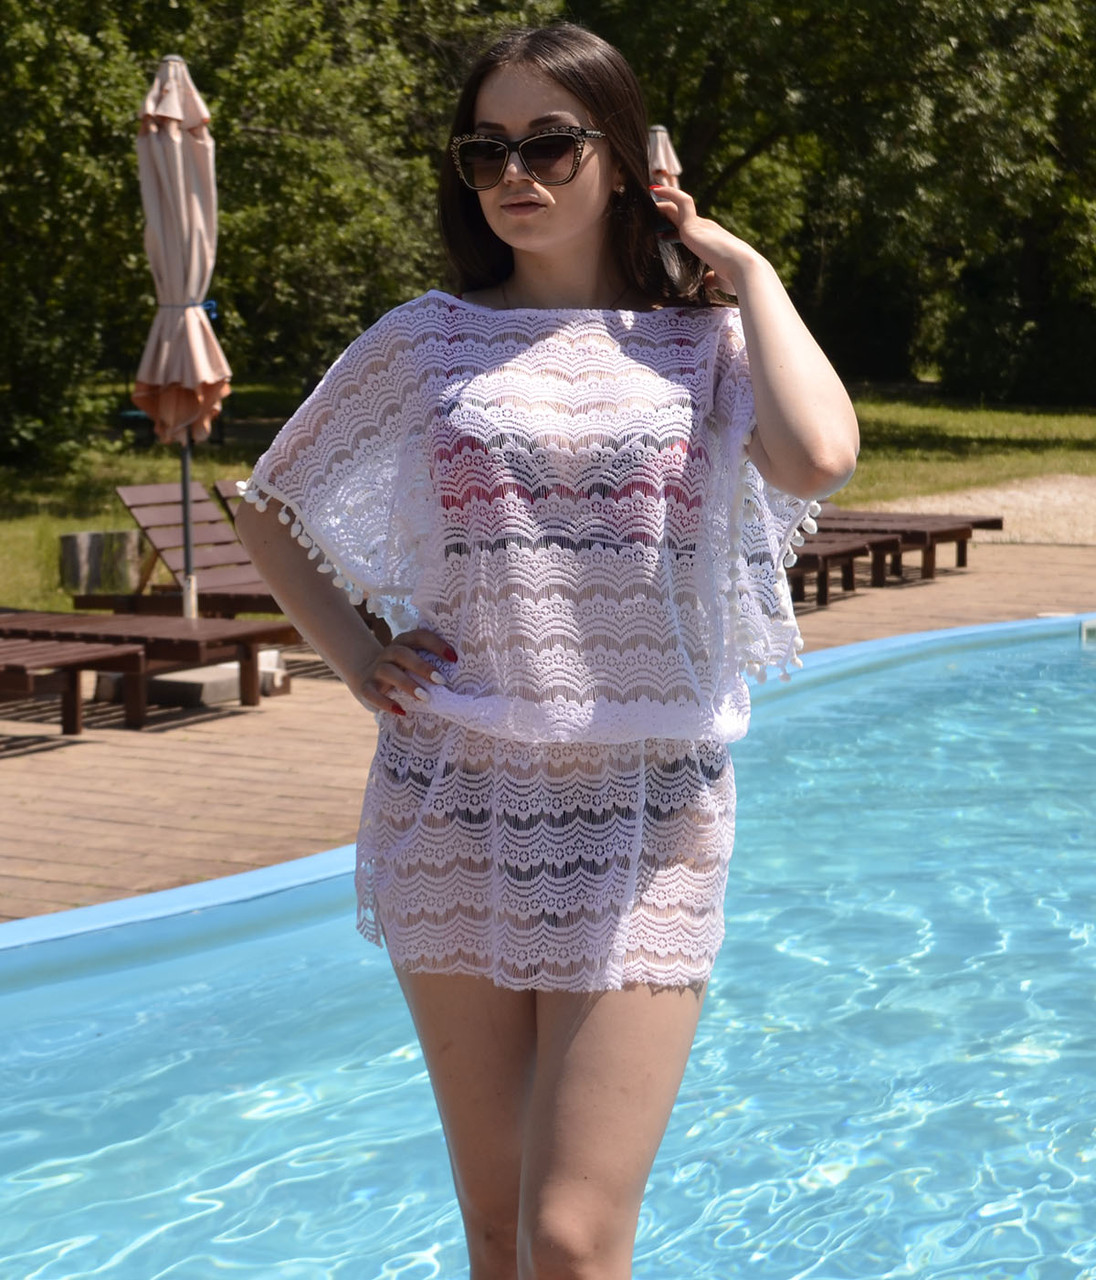 Женская пляжная туника на купальник, ажурная с напуском